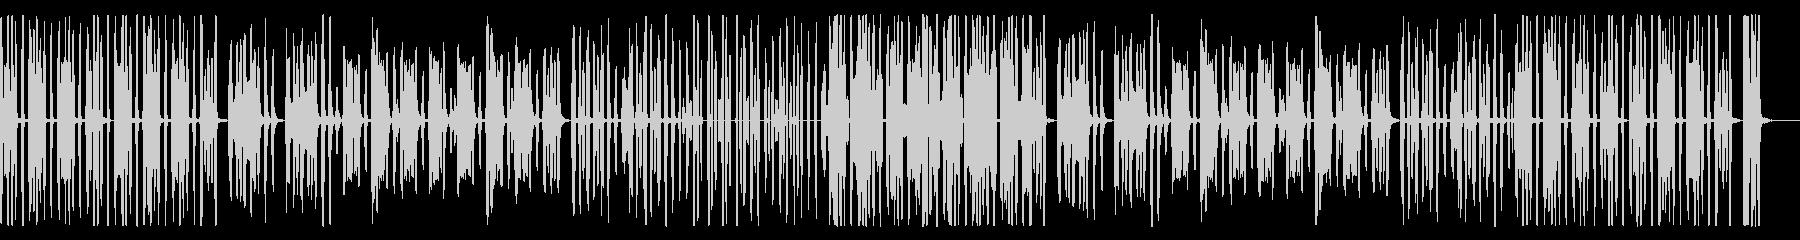 ほのぼのリコーダー、パーカス木琴抜きの未再生の波形